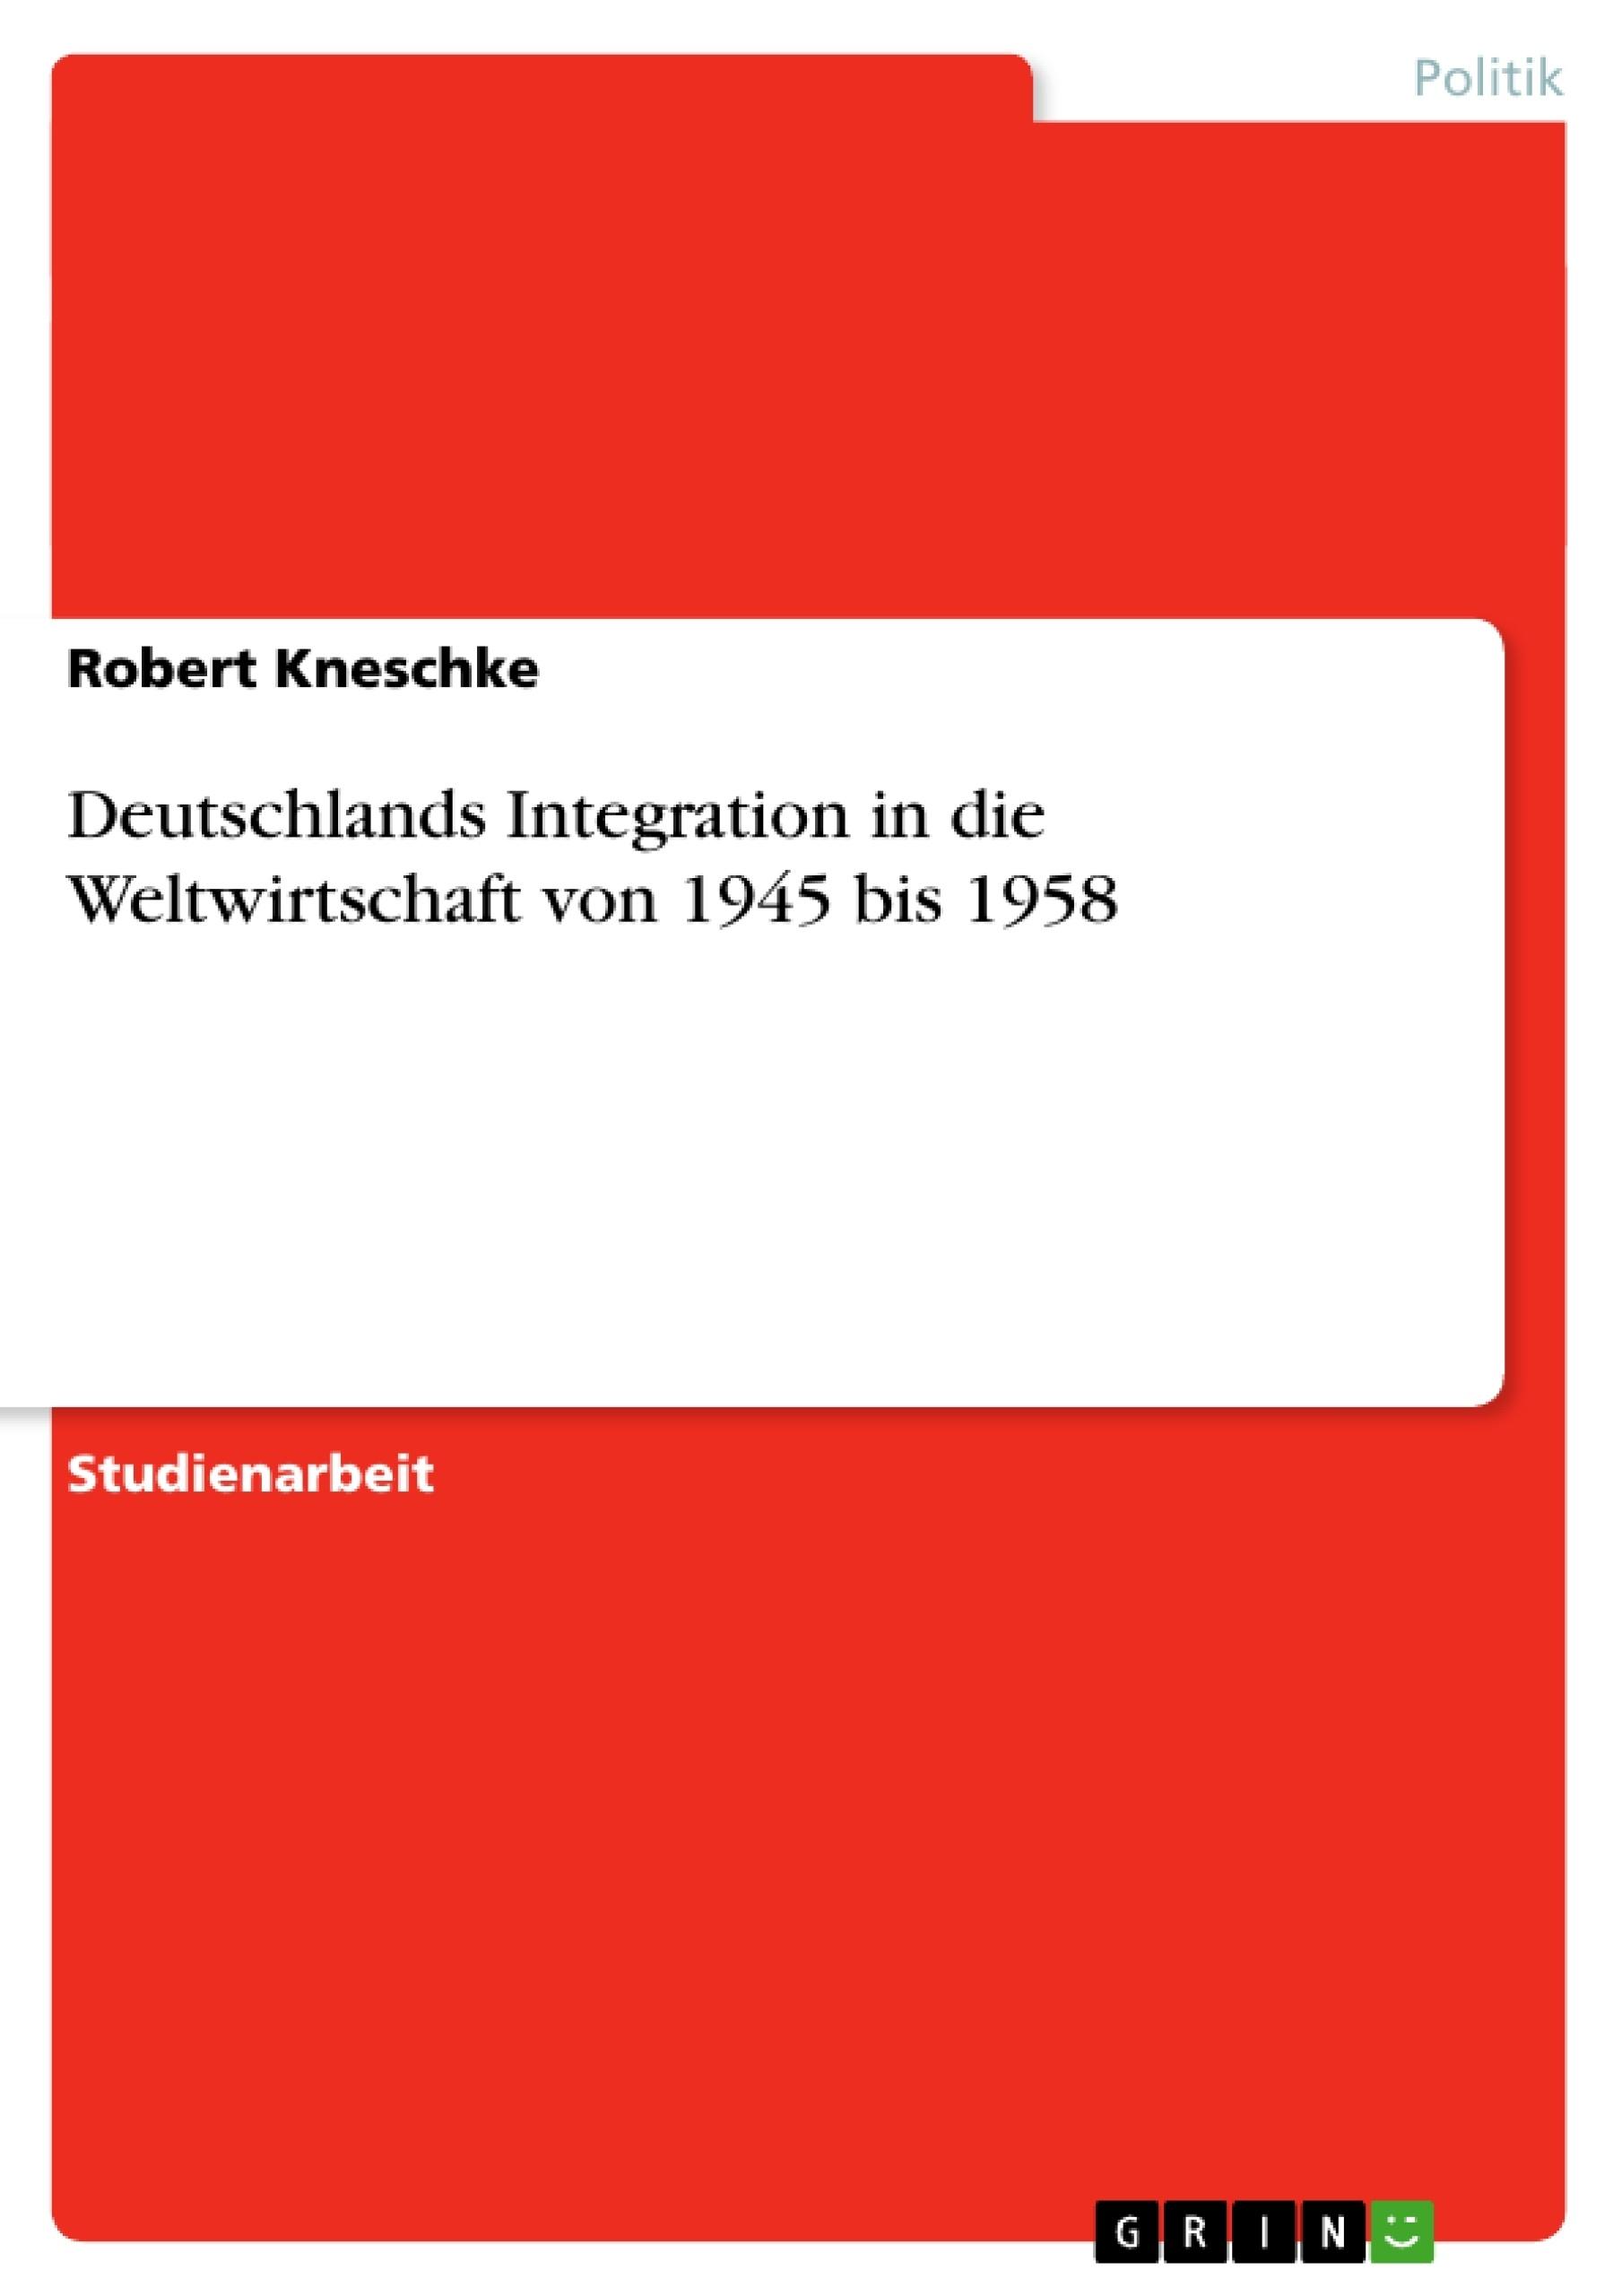 Titel: Deutschlands Integration in die Weltwirtschaft von 1945 bis 1958